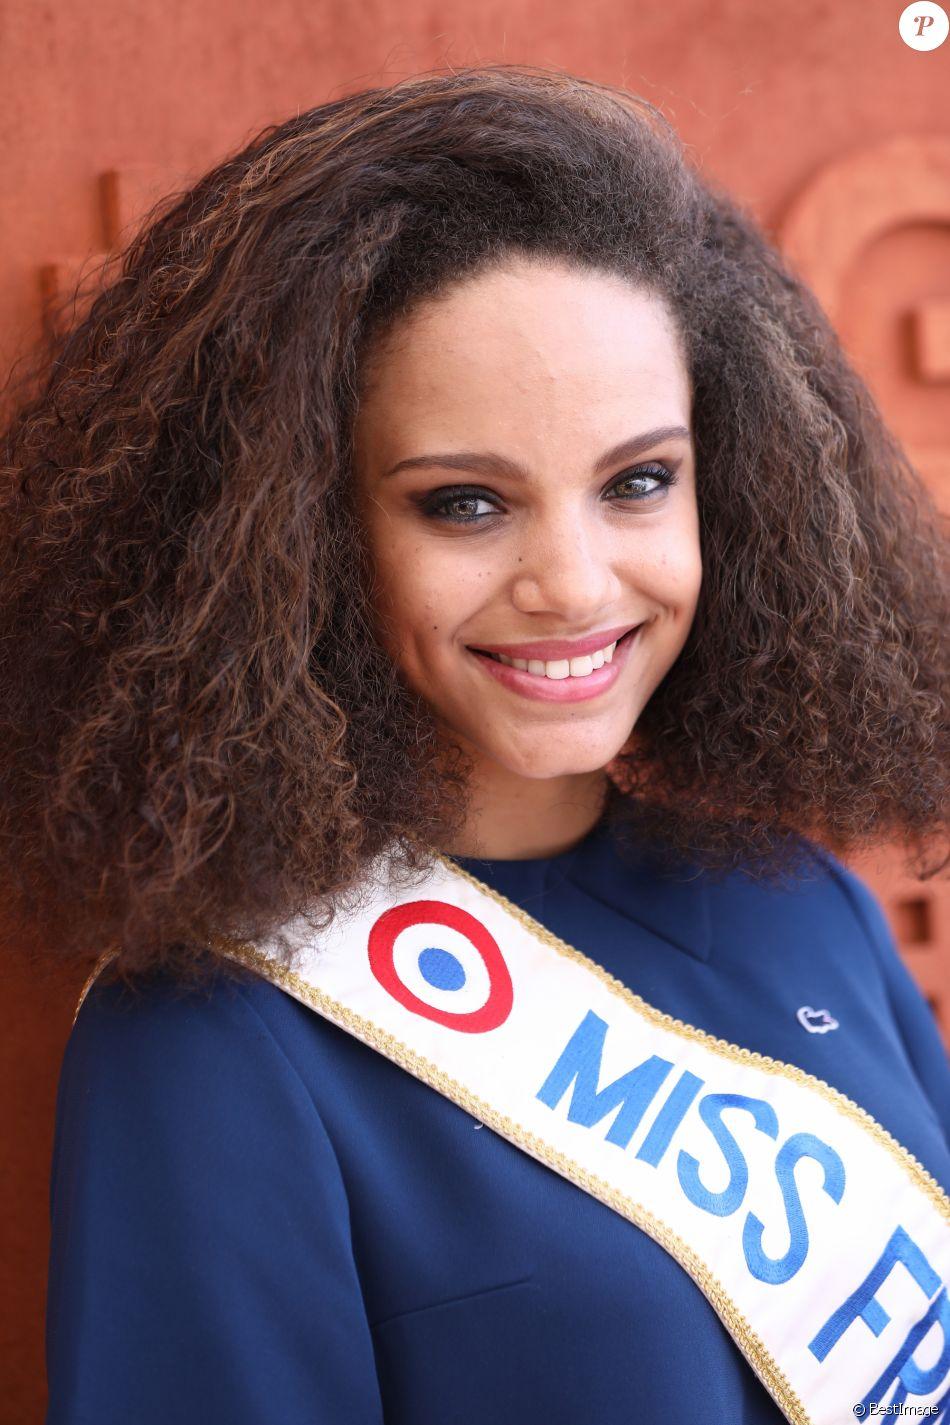 Alicia aylies miss france 2017 au village lors des internationaux de france de roland garros - Miss france 2017 interview ...